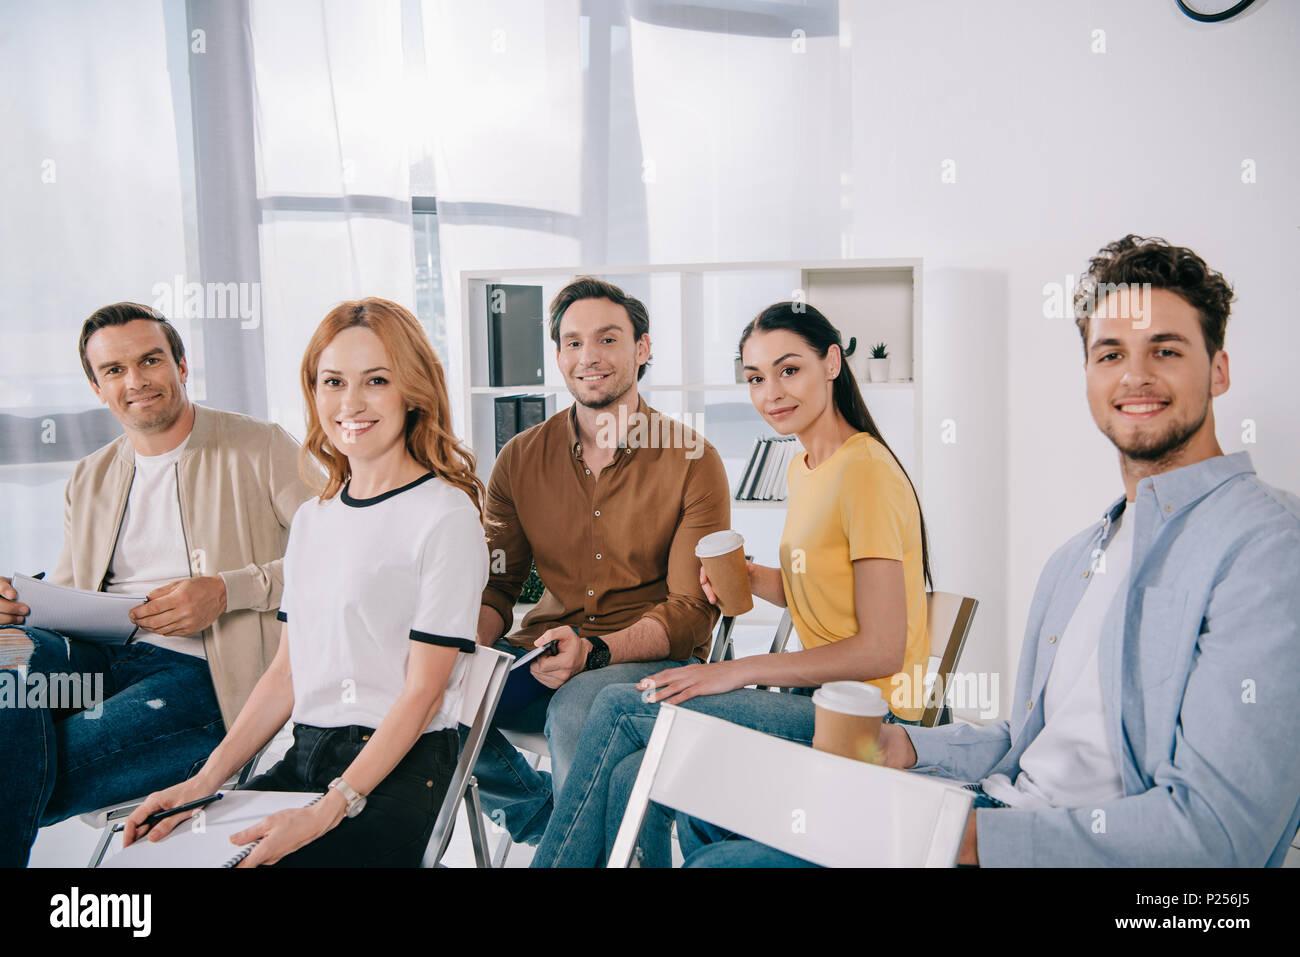 Gente de negocios sonriendo en ropa informal con la formación empresarial en Office Imagen De Stock